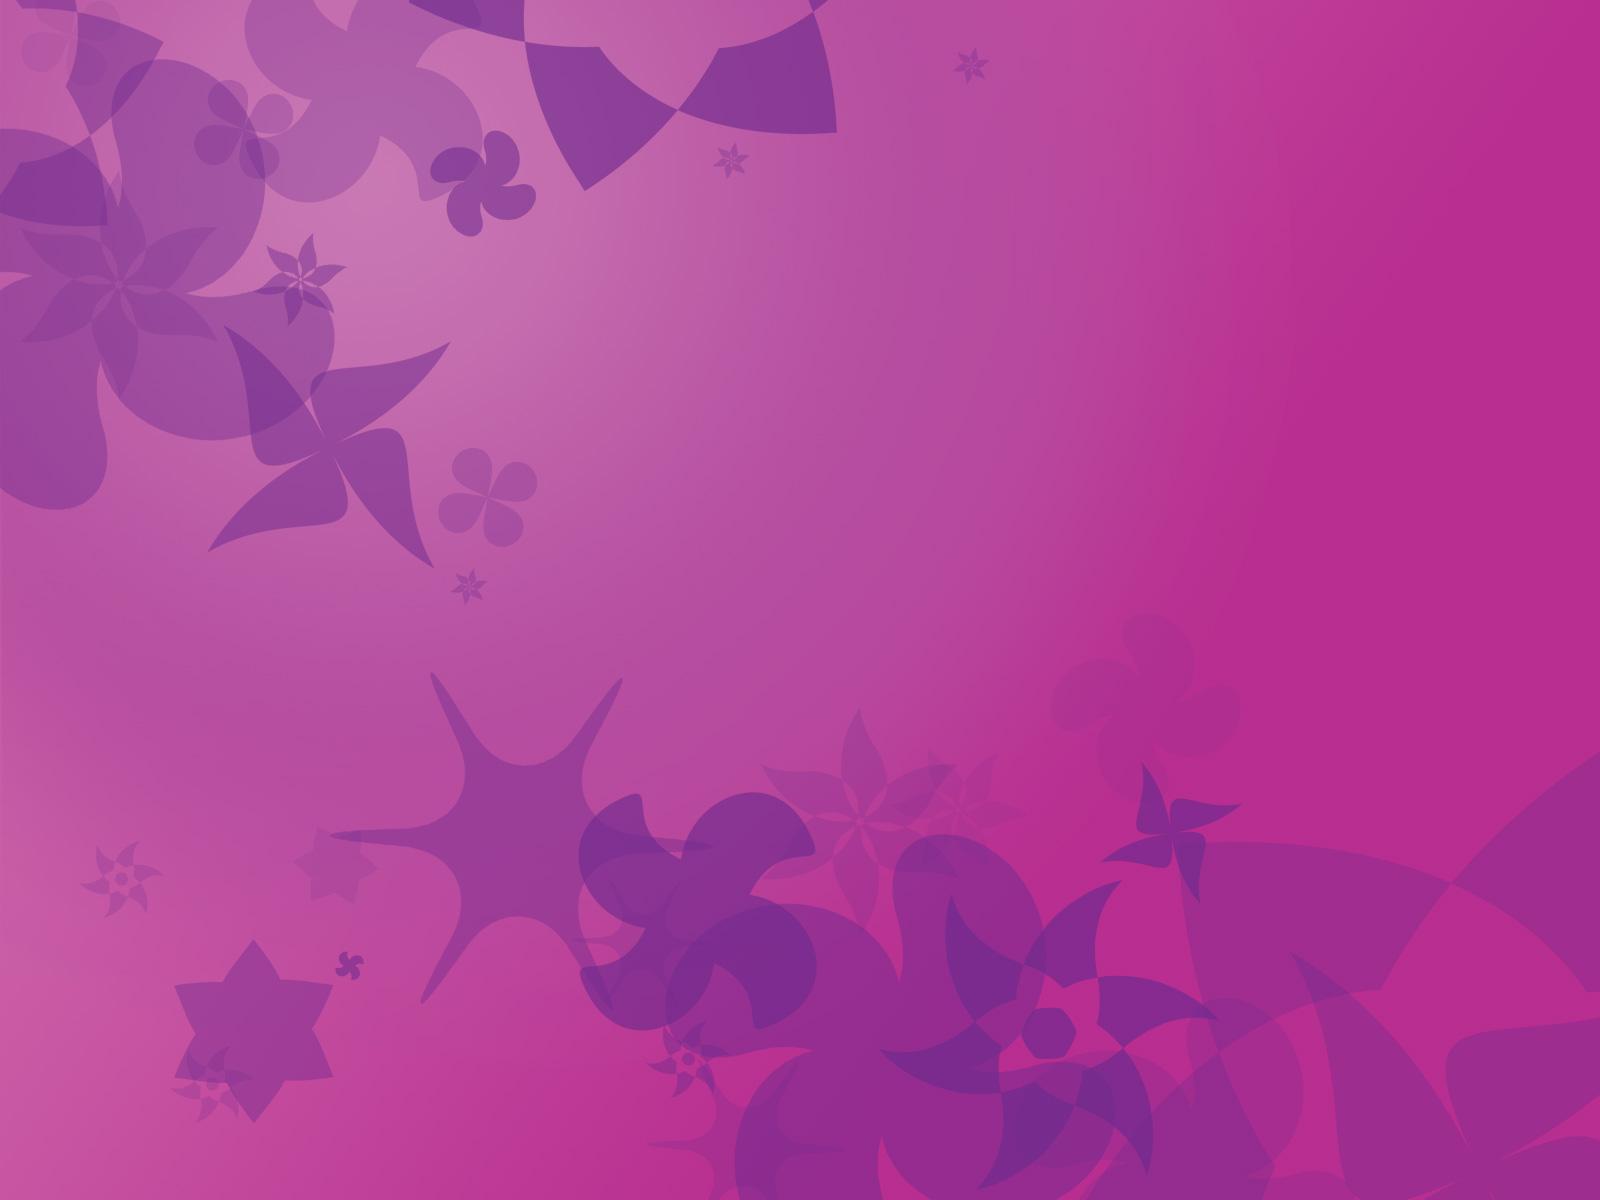 desktop purple wallpapers purple wallpaper purple background hd 32jpg 1600x1200